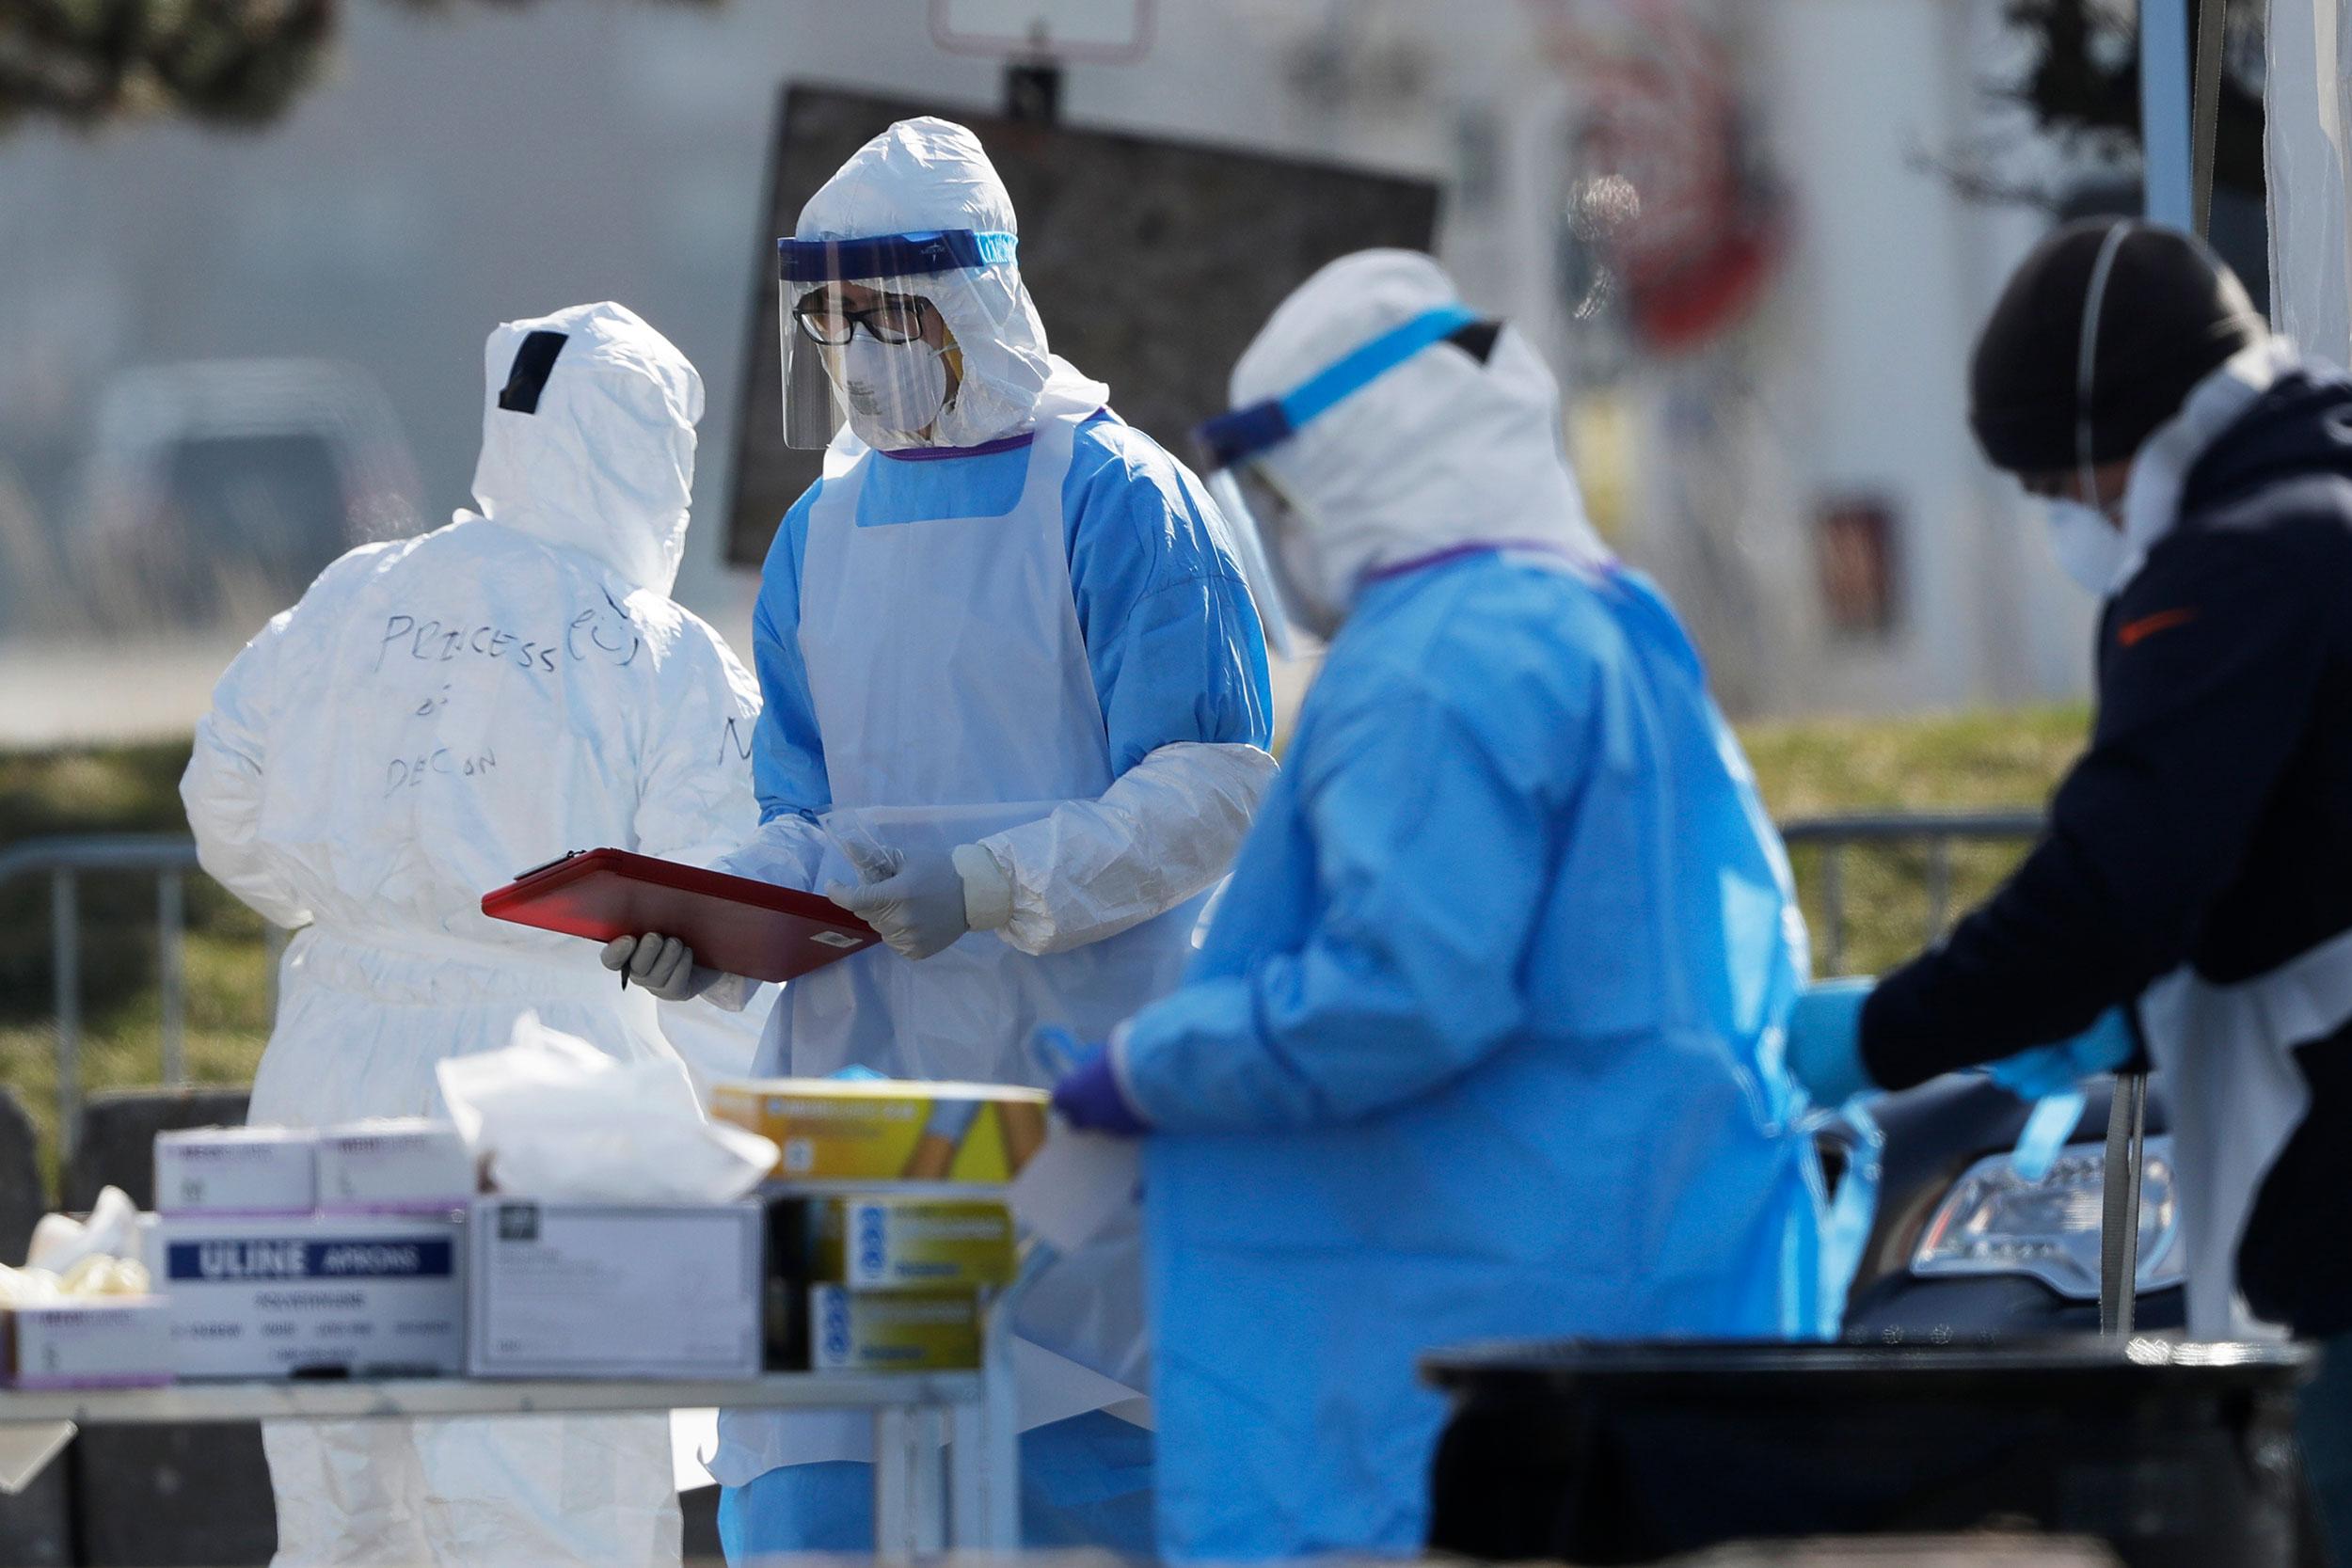 March 26 coronavirus news